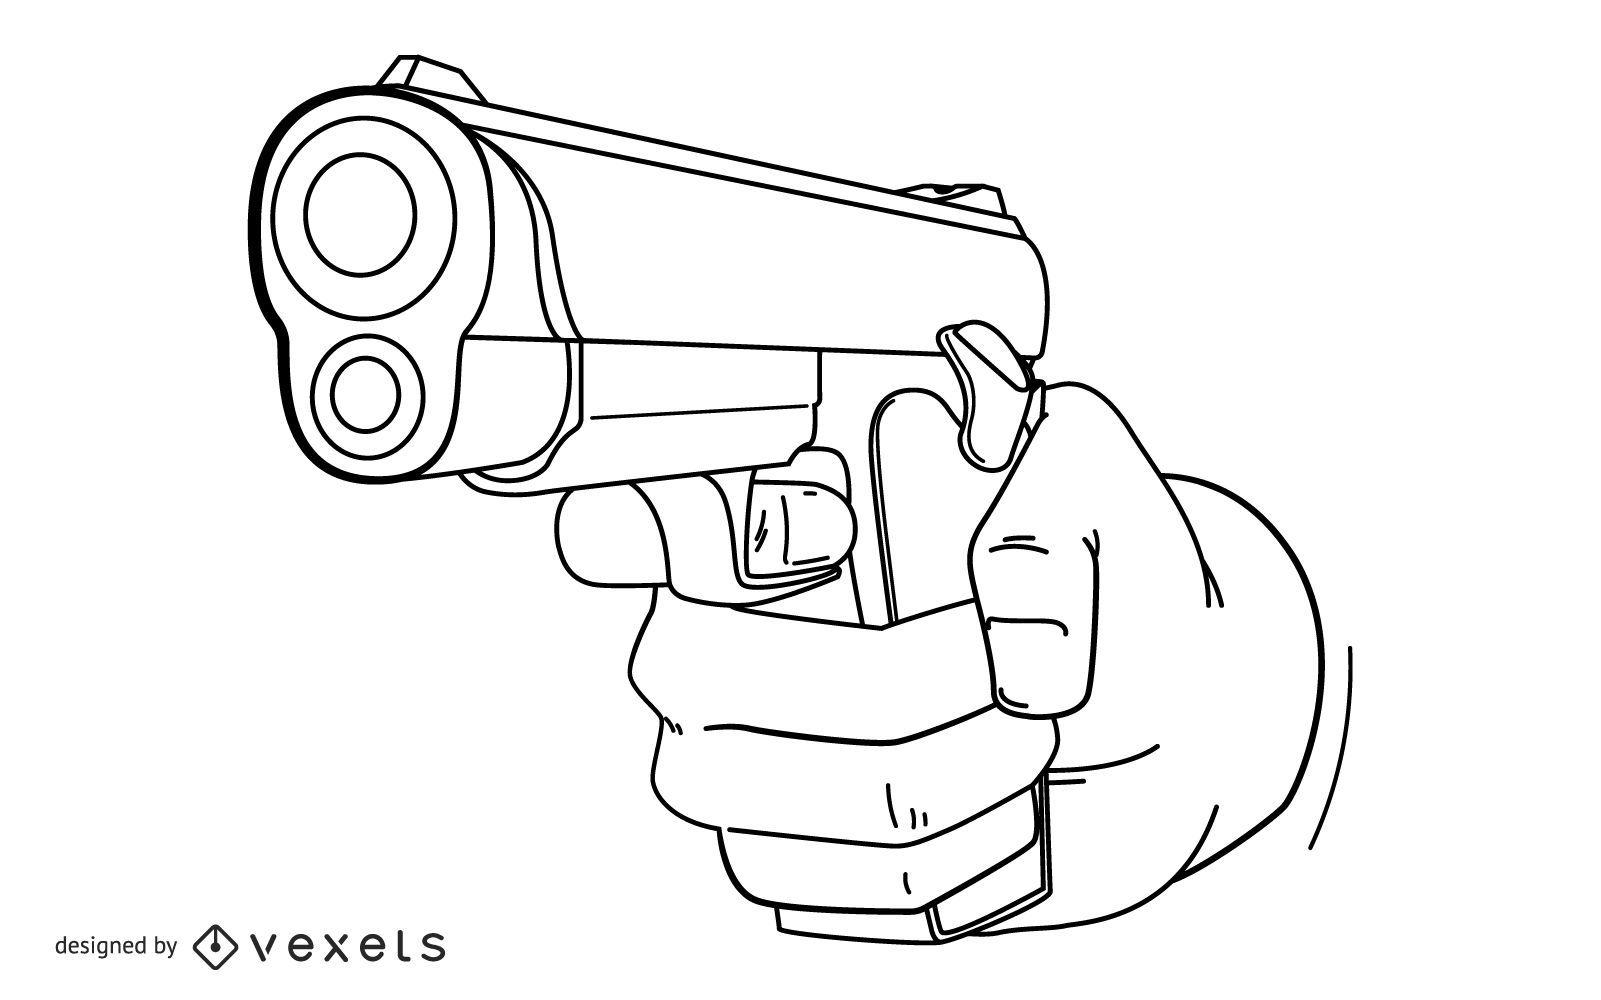 Hand with gun stroke design